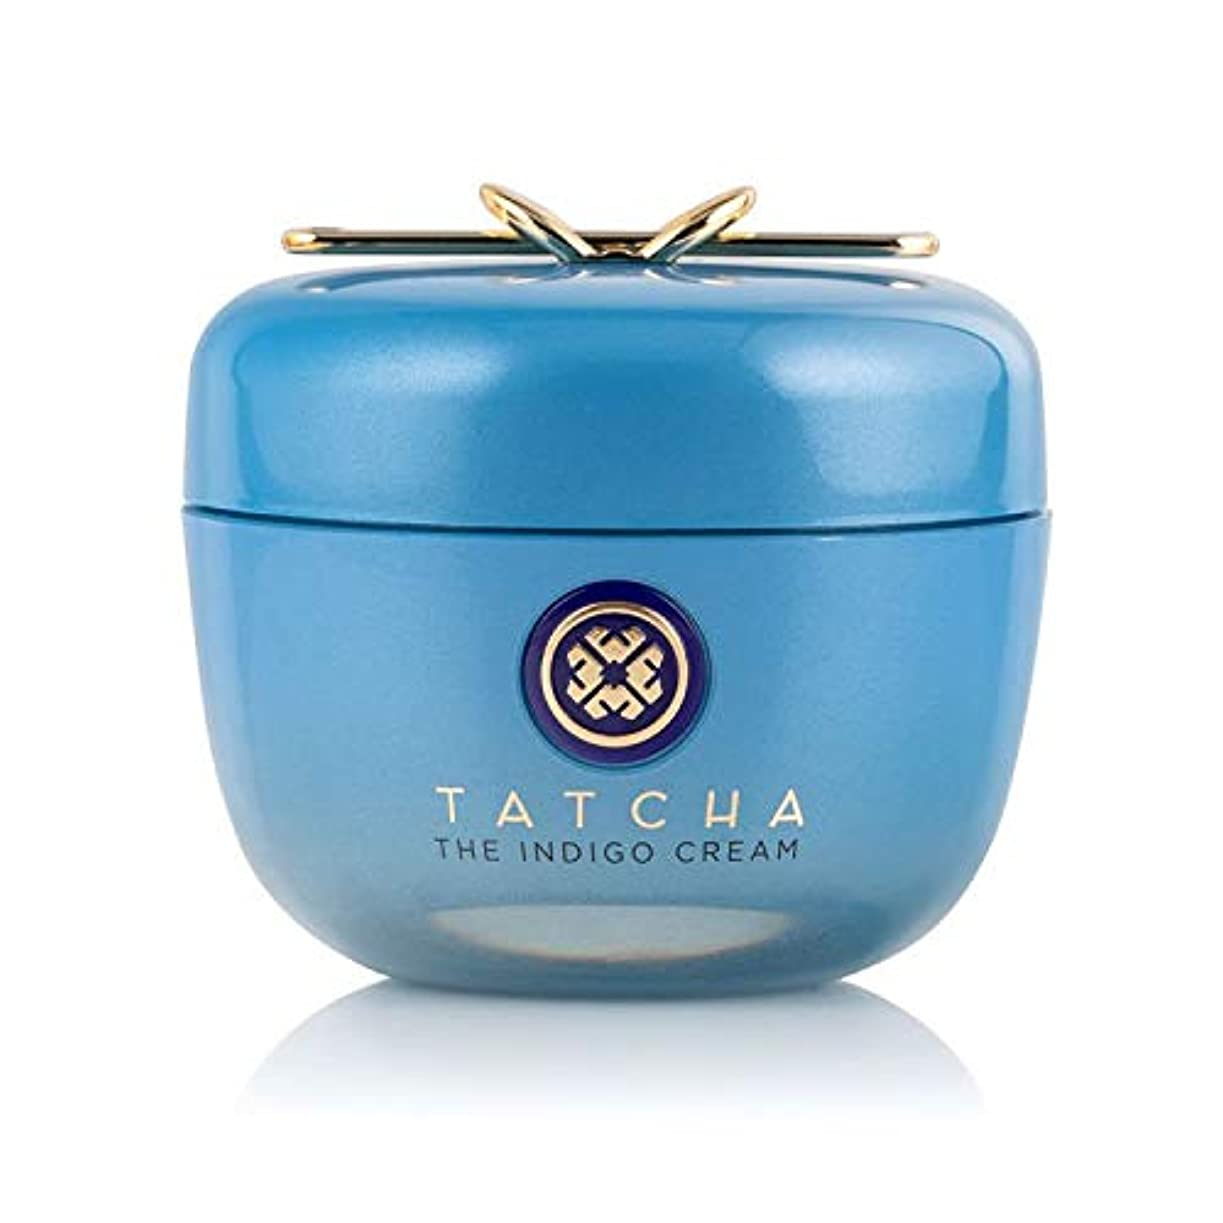 着替える醜い一人でTatcha The Indigo Cream Soothing Skin Protectant 1.7 oz/ 50 mL タチャインディゴ クリーム